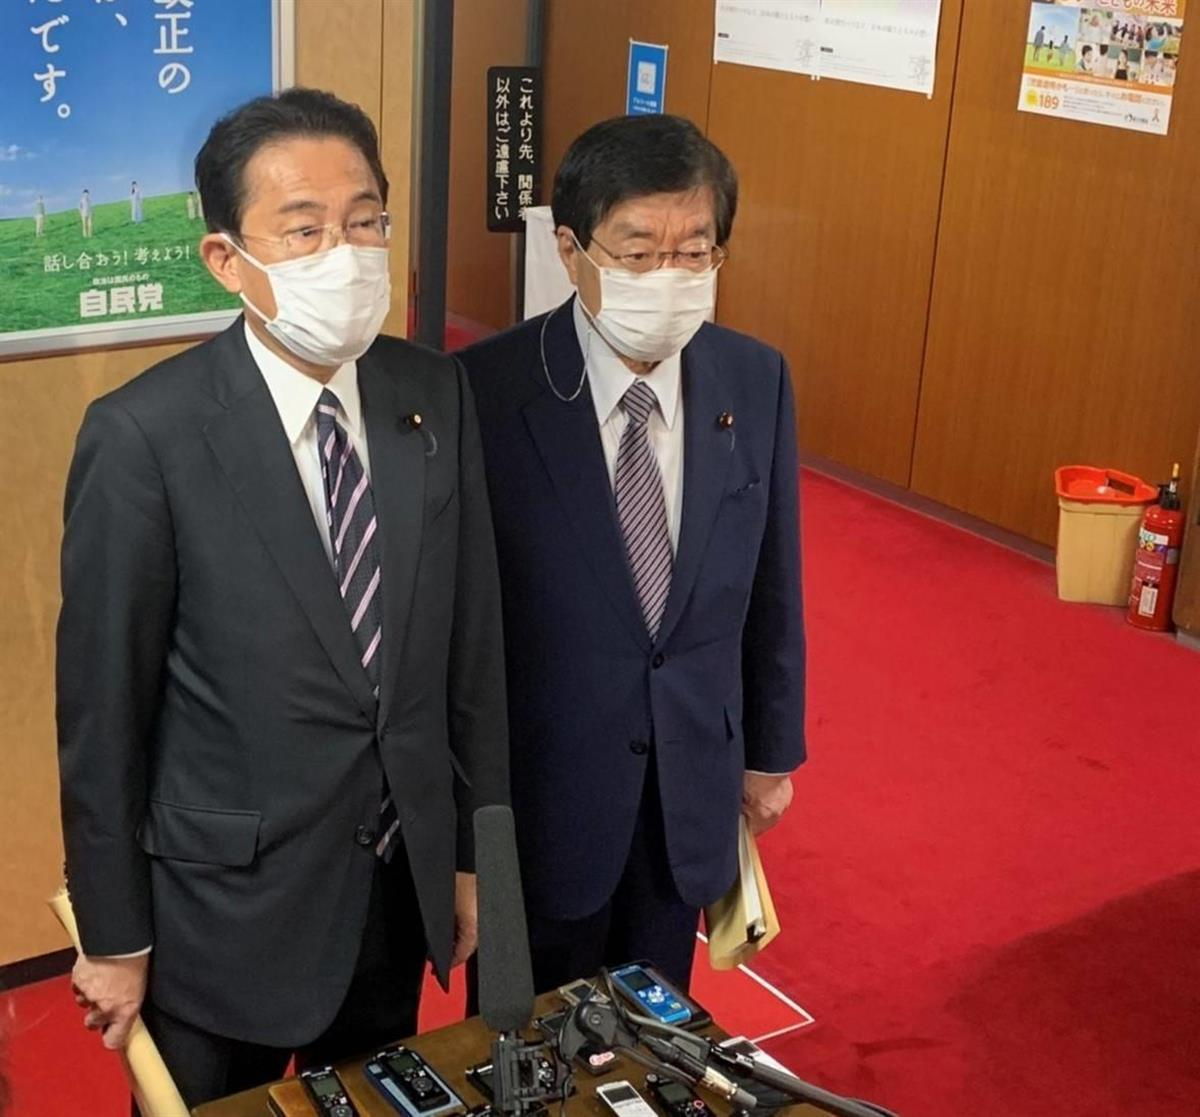 自民・岸田氏、「政治とカネ」問題からの信頼回復を二階氏に要請